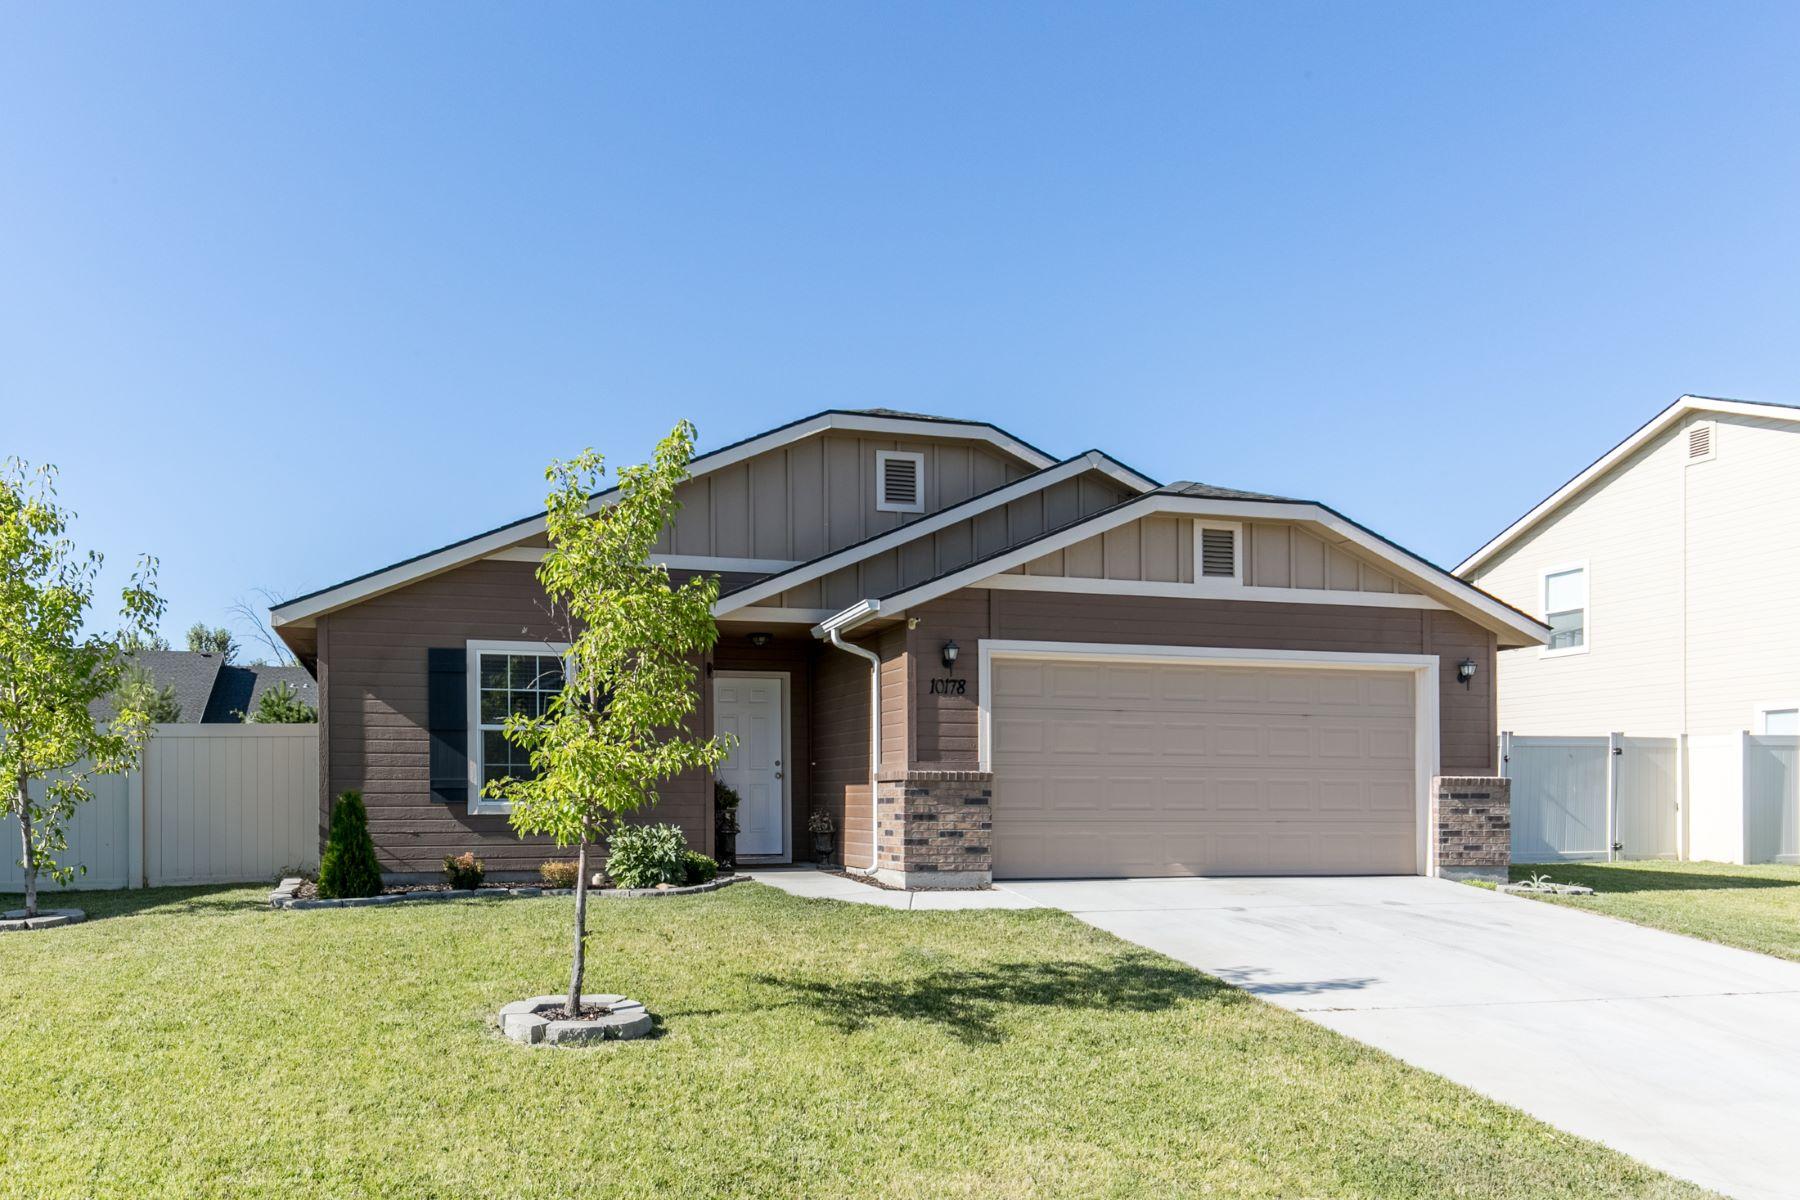 Einfamilienhaus für Verkauf beim 10178 Virginia City St., Star 10178 W Virginia City St Star, Idaho, 83669 Vereinigte Staaten